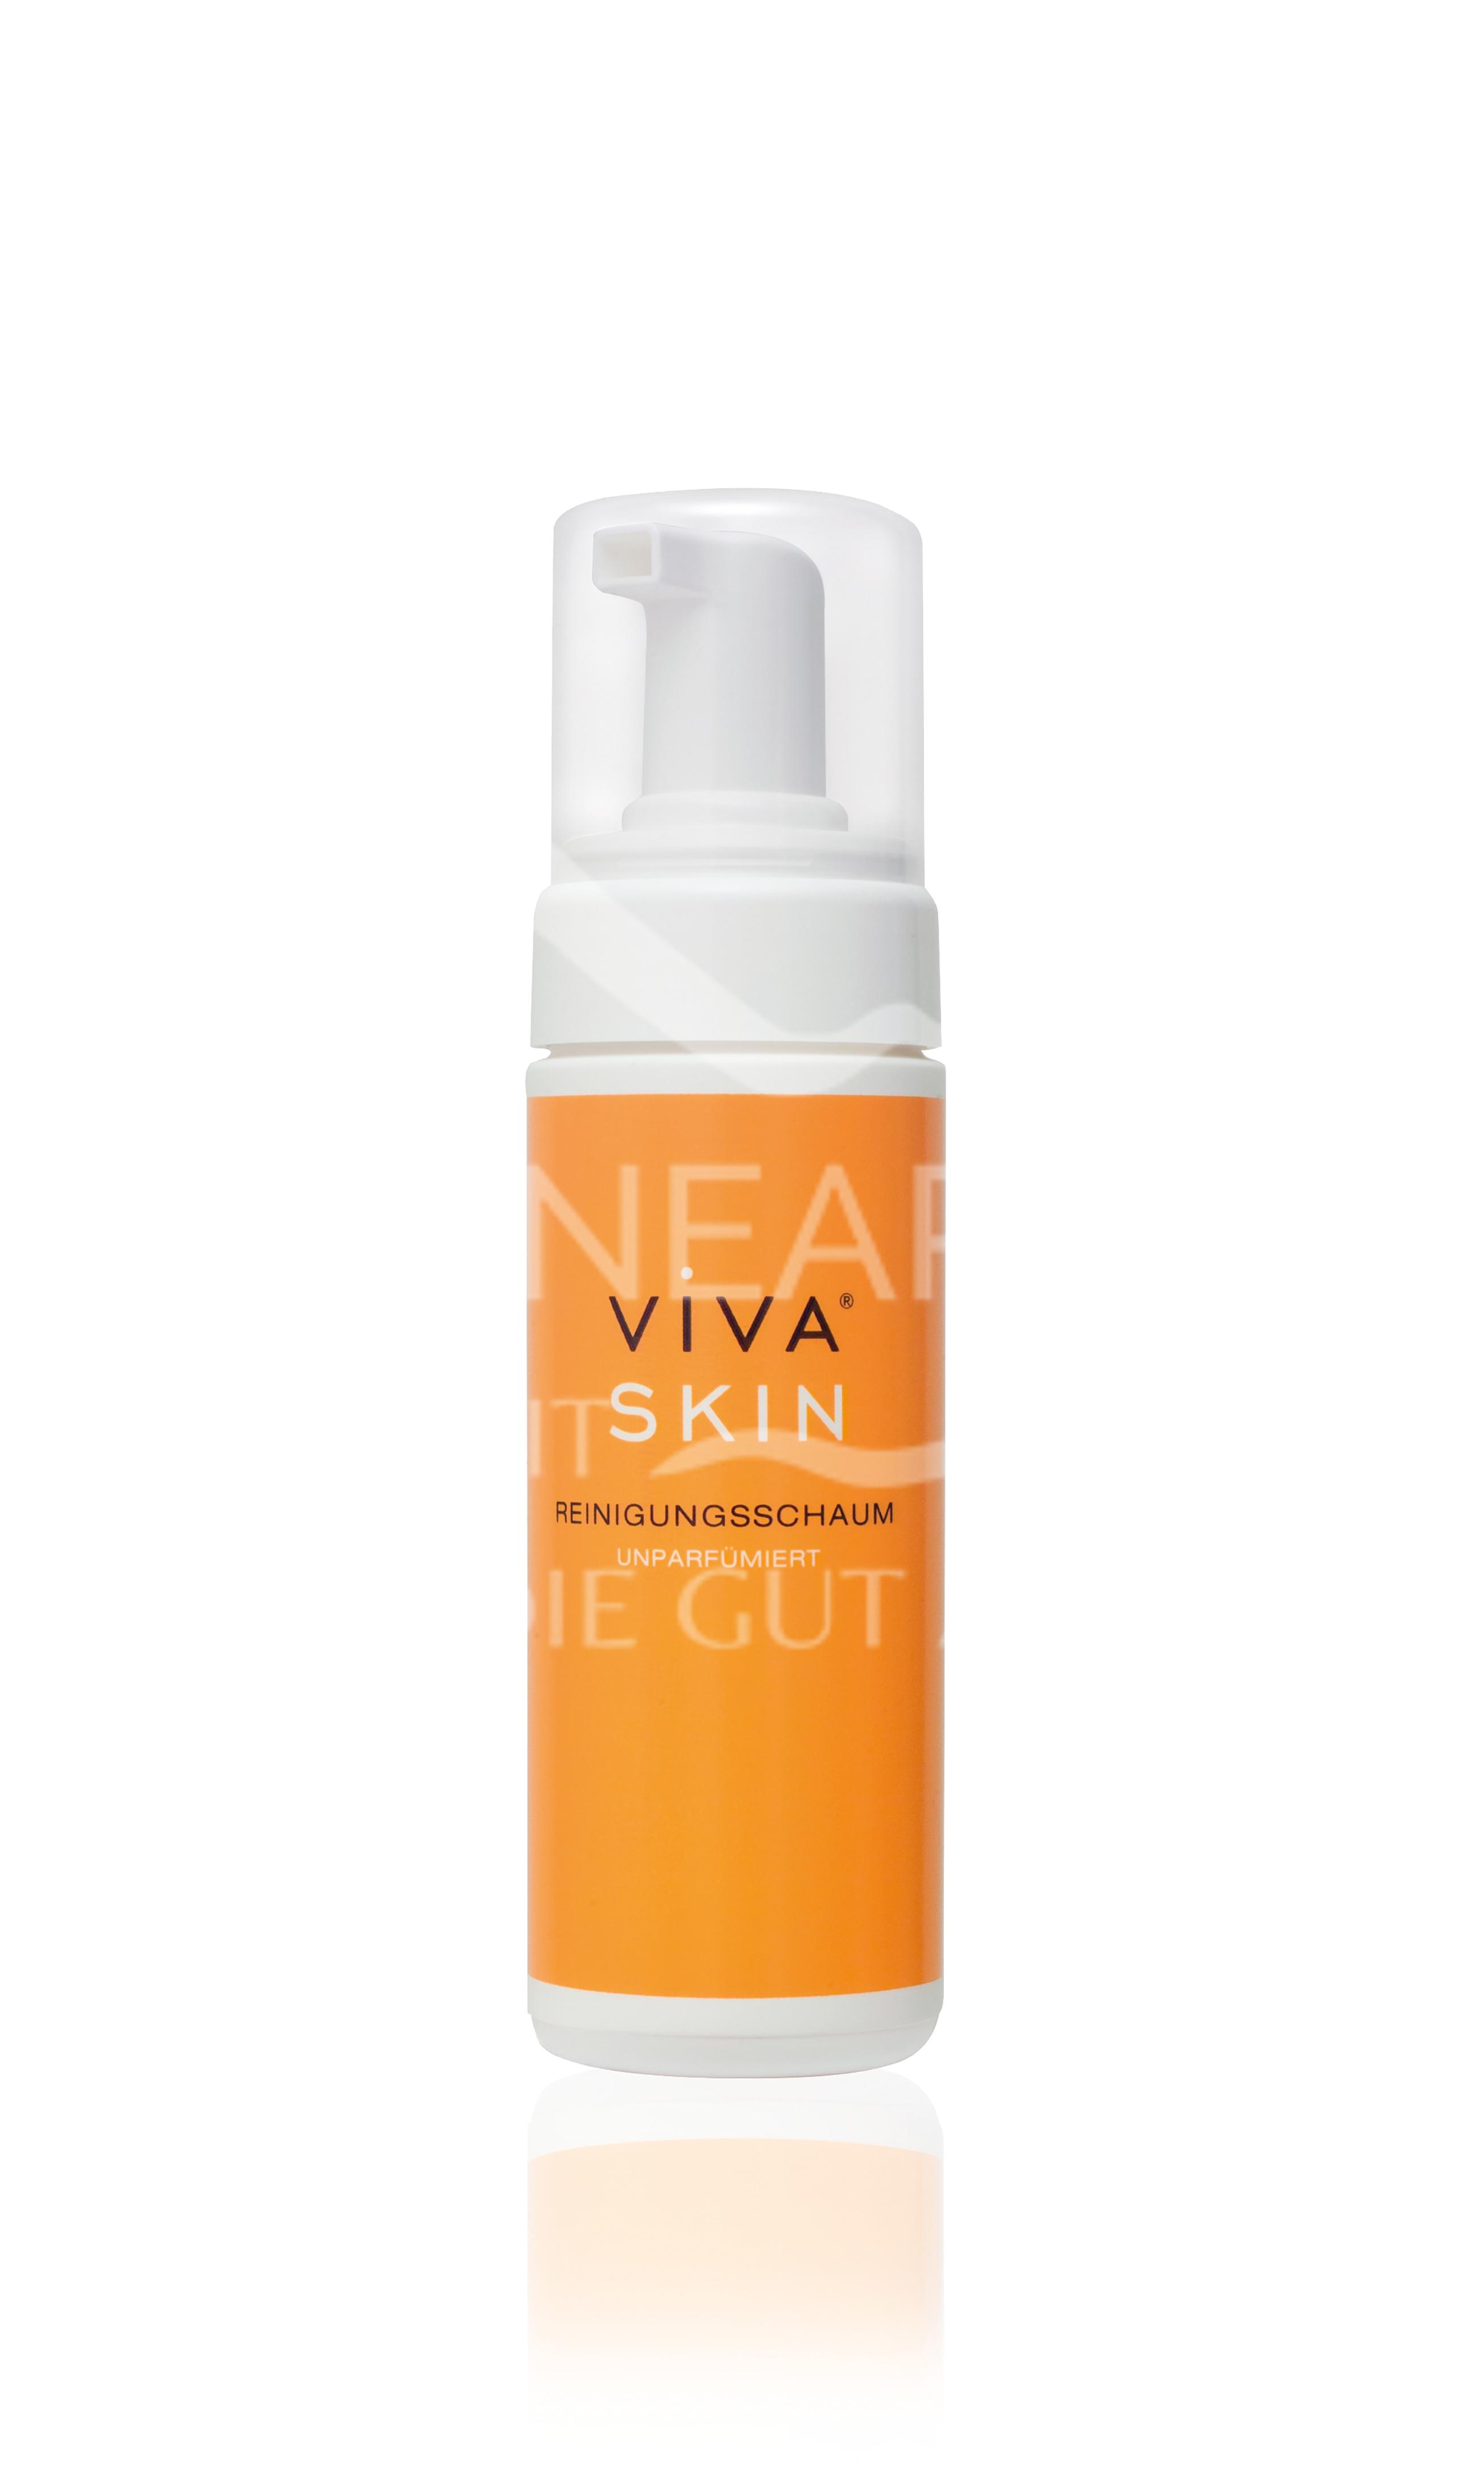 Viva Skin Reinigungsschaum